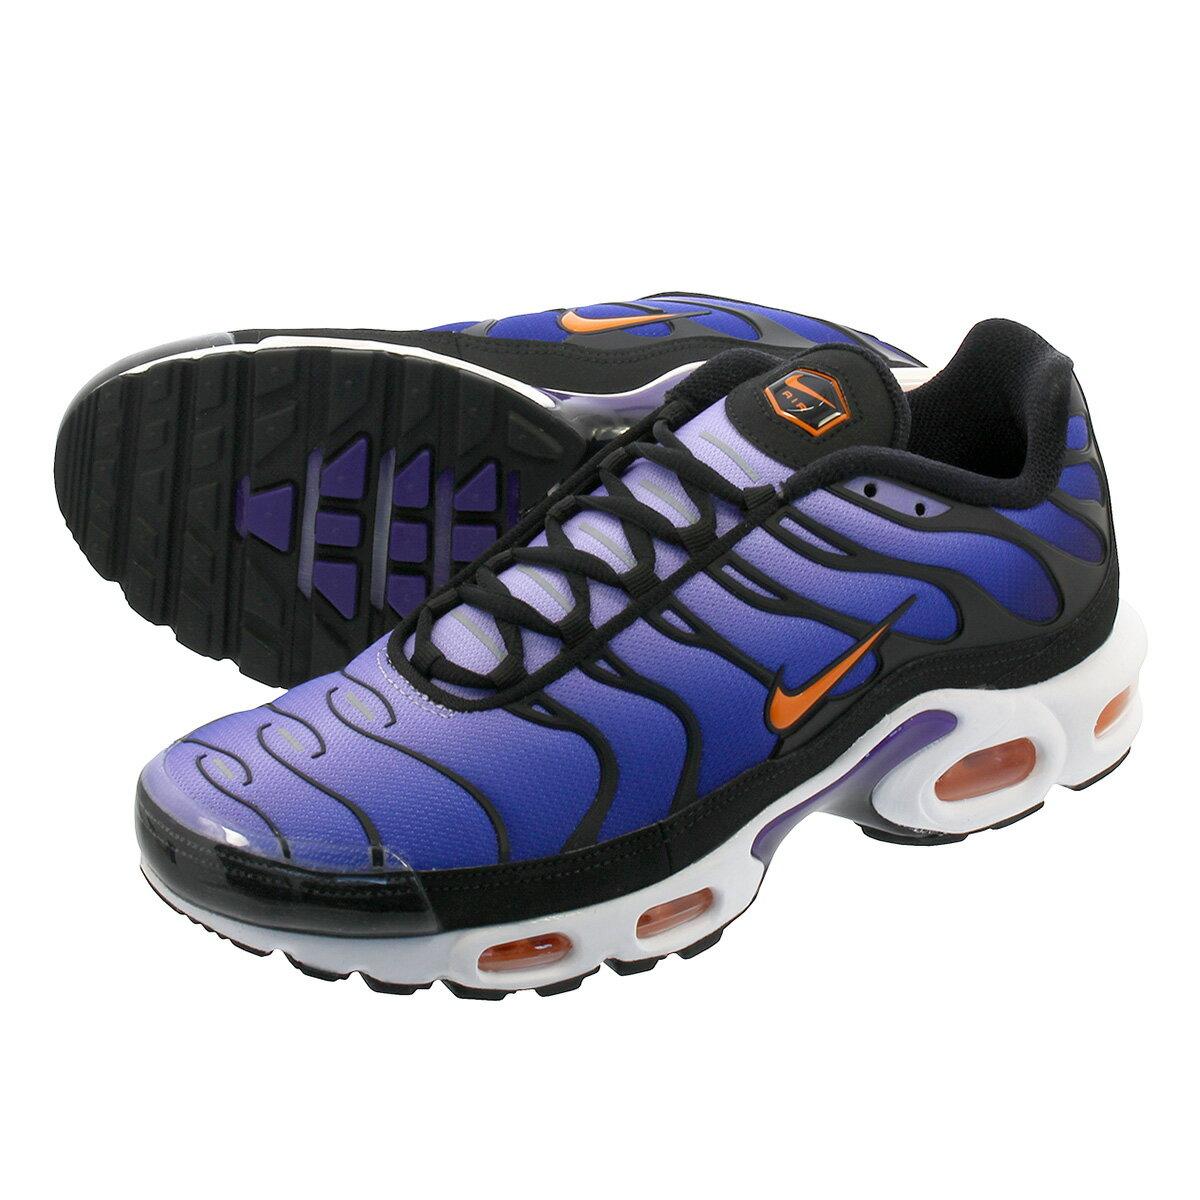 メンズ靴, スニーカー NIKE AIR MAX PLUS OG OG BLACKTOTAL ORANGEVOLTAGE PURPLE